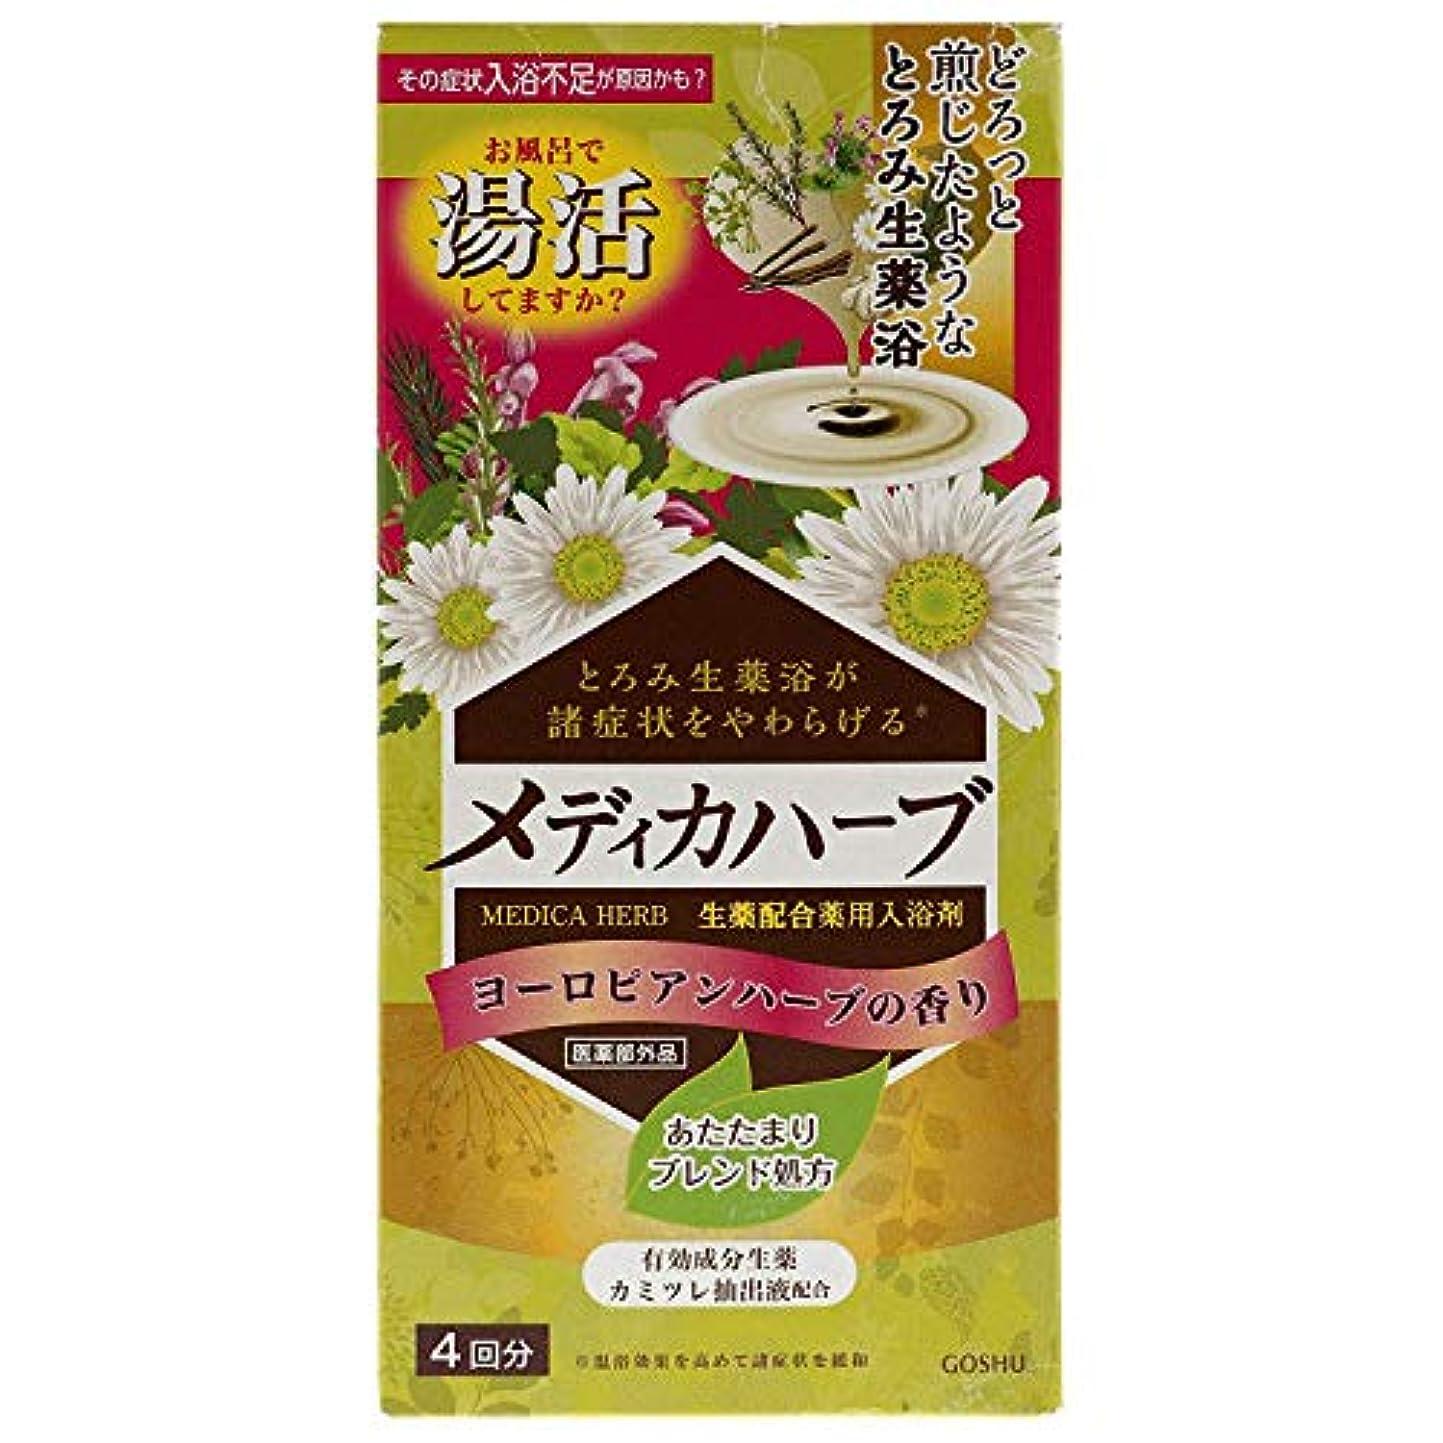 髄クレーターラジウムメディカハーブ ヨーロピアンハーブの香り 4包(4回分) [医薬部外品]